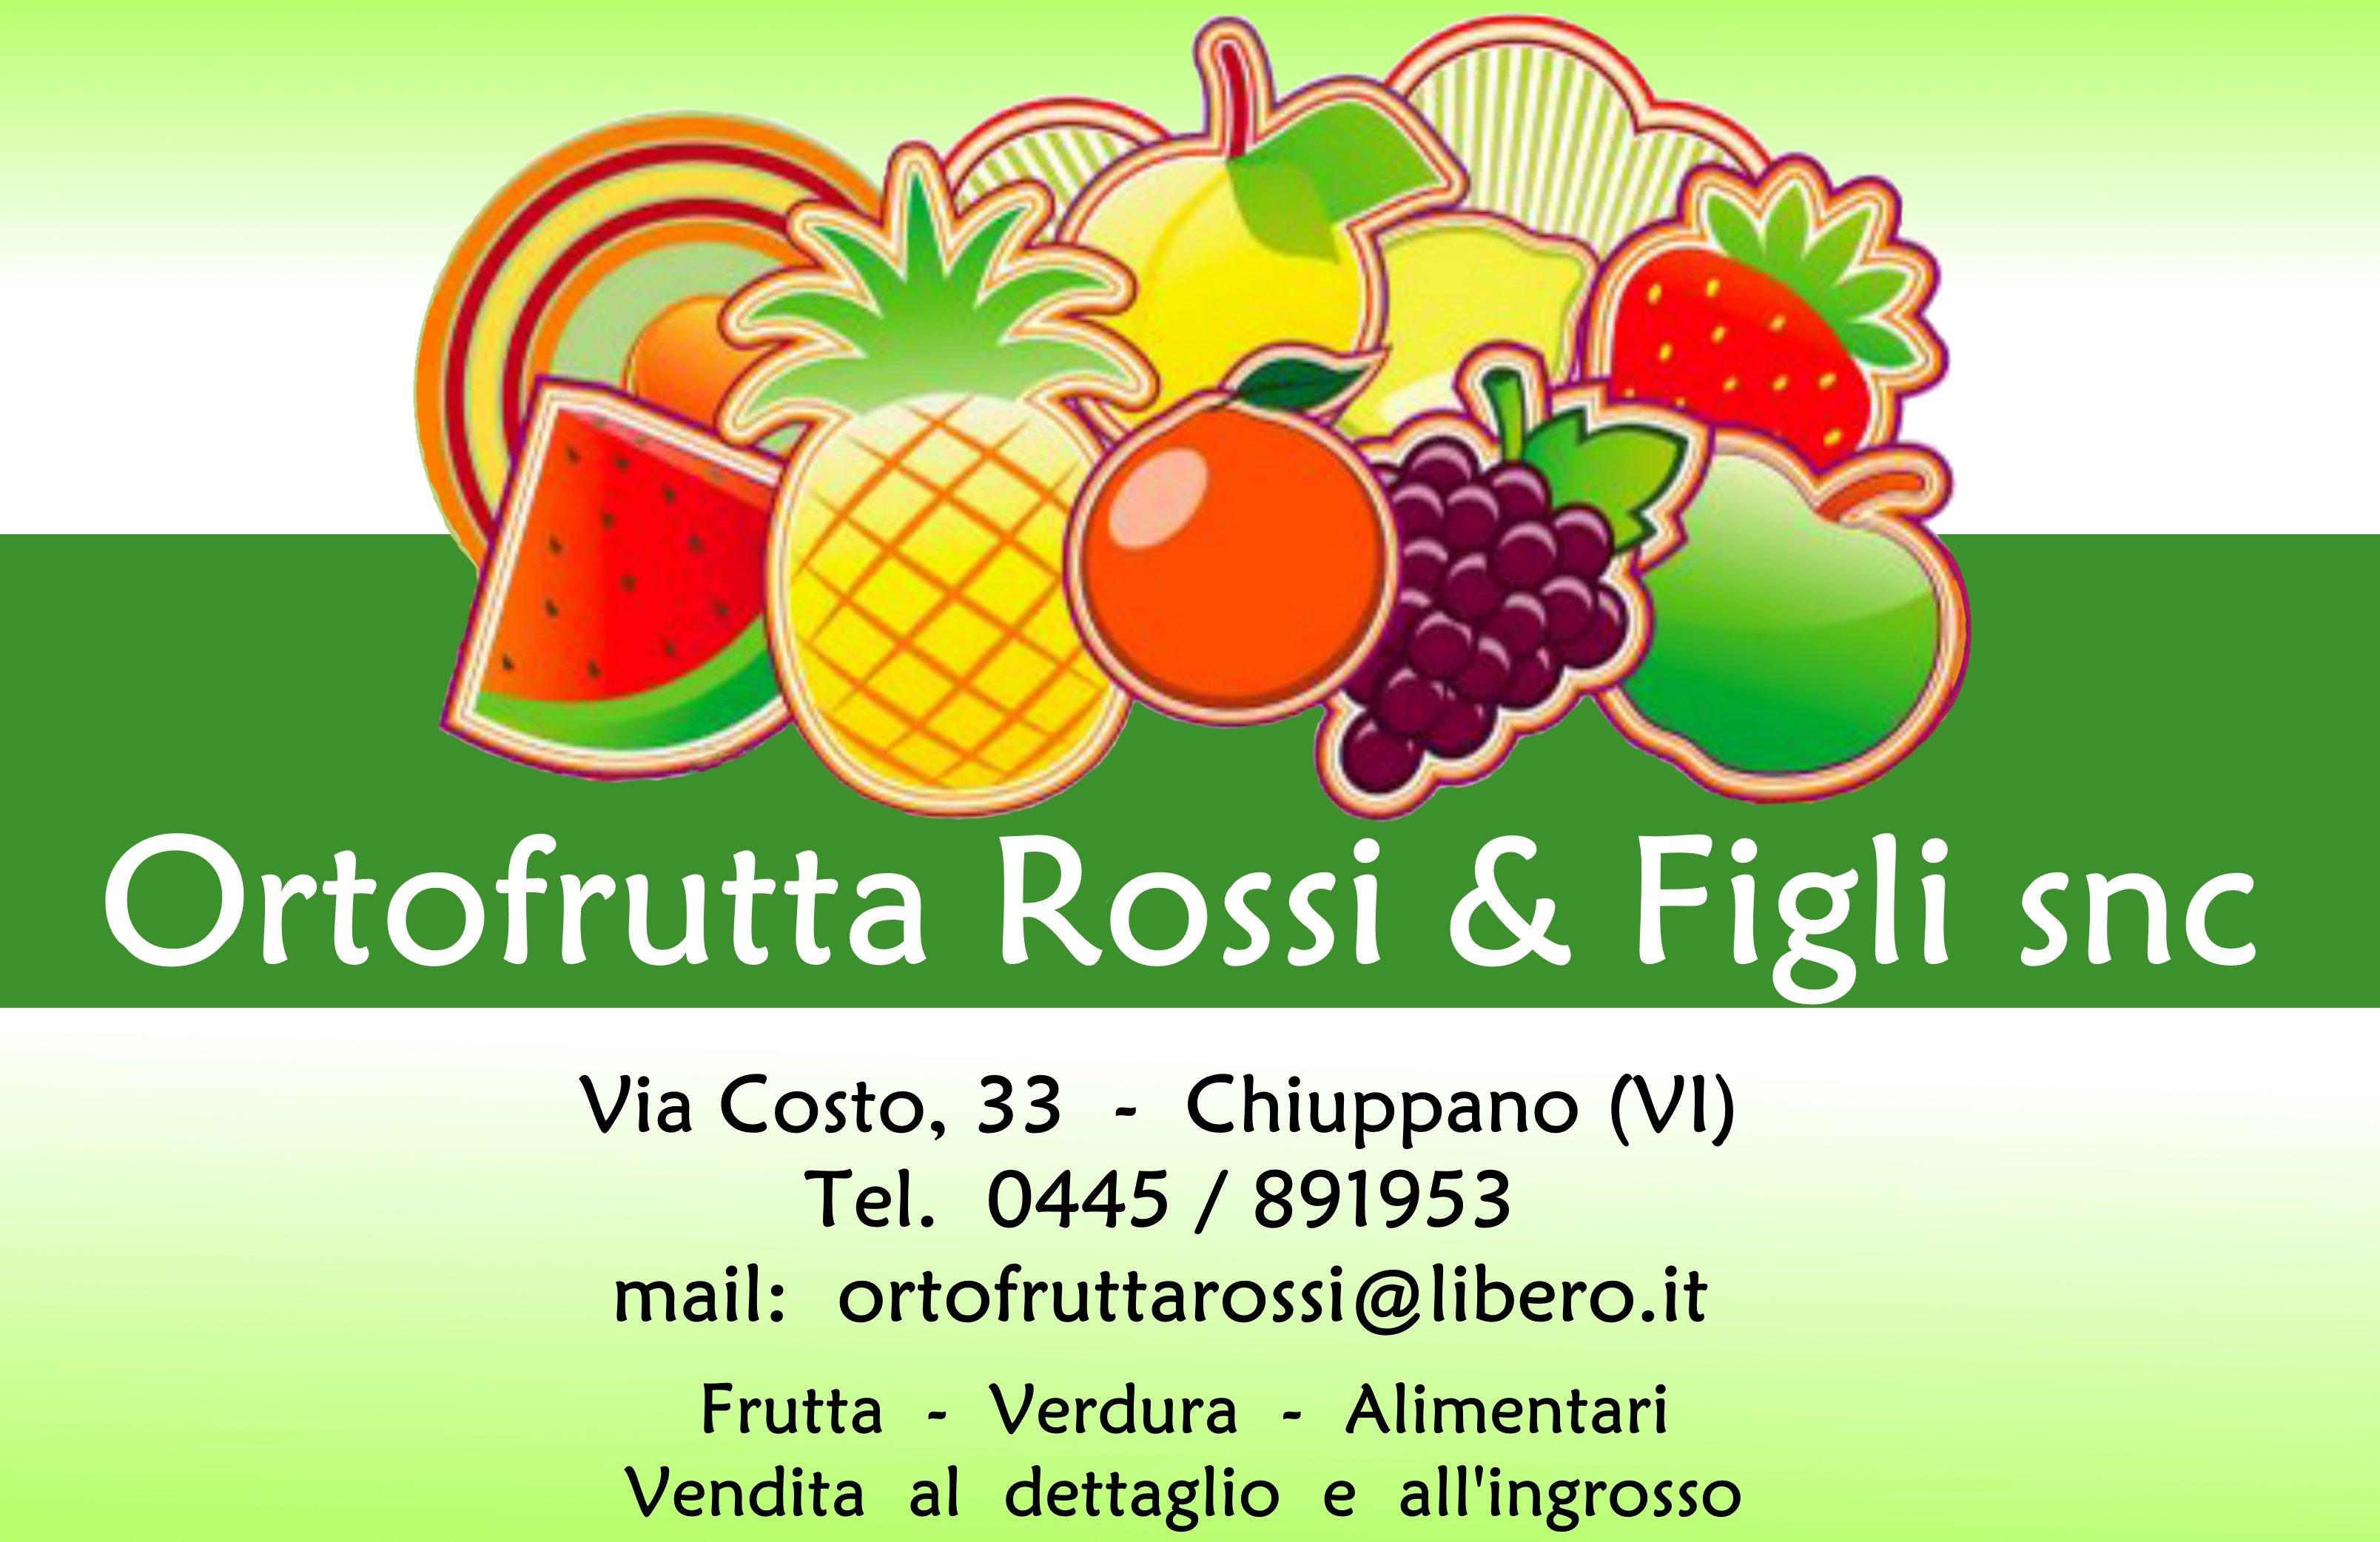 ORTOFRUTTA ROSSI & FIGLI - LOGO